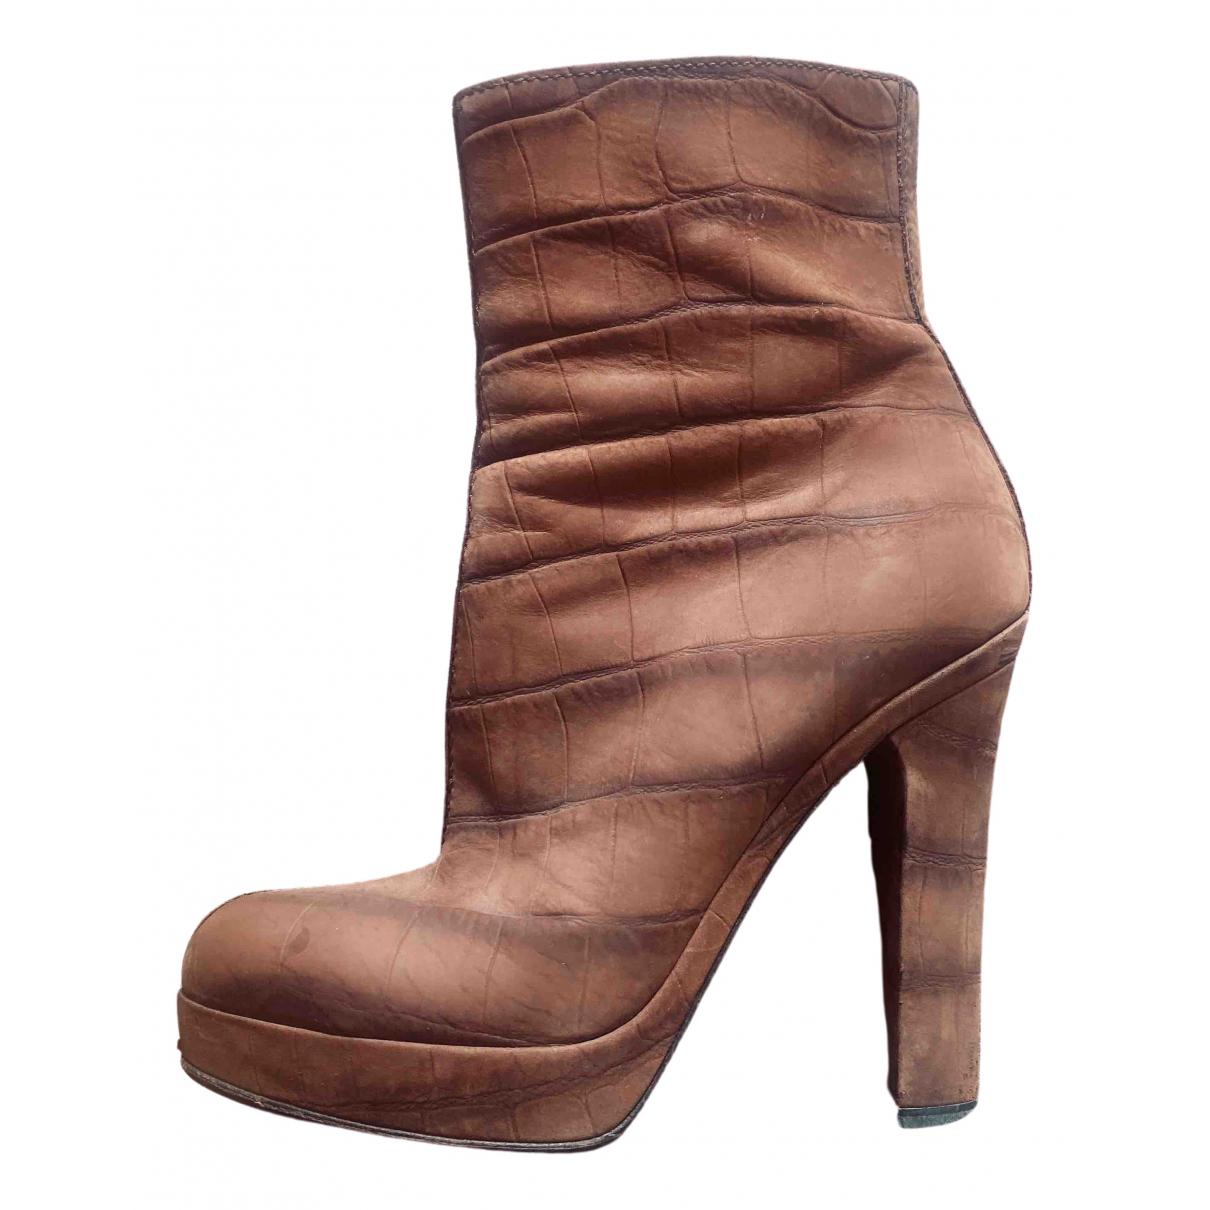 Saint Laurent - Bottes   pour femme en cuir - marron